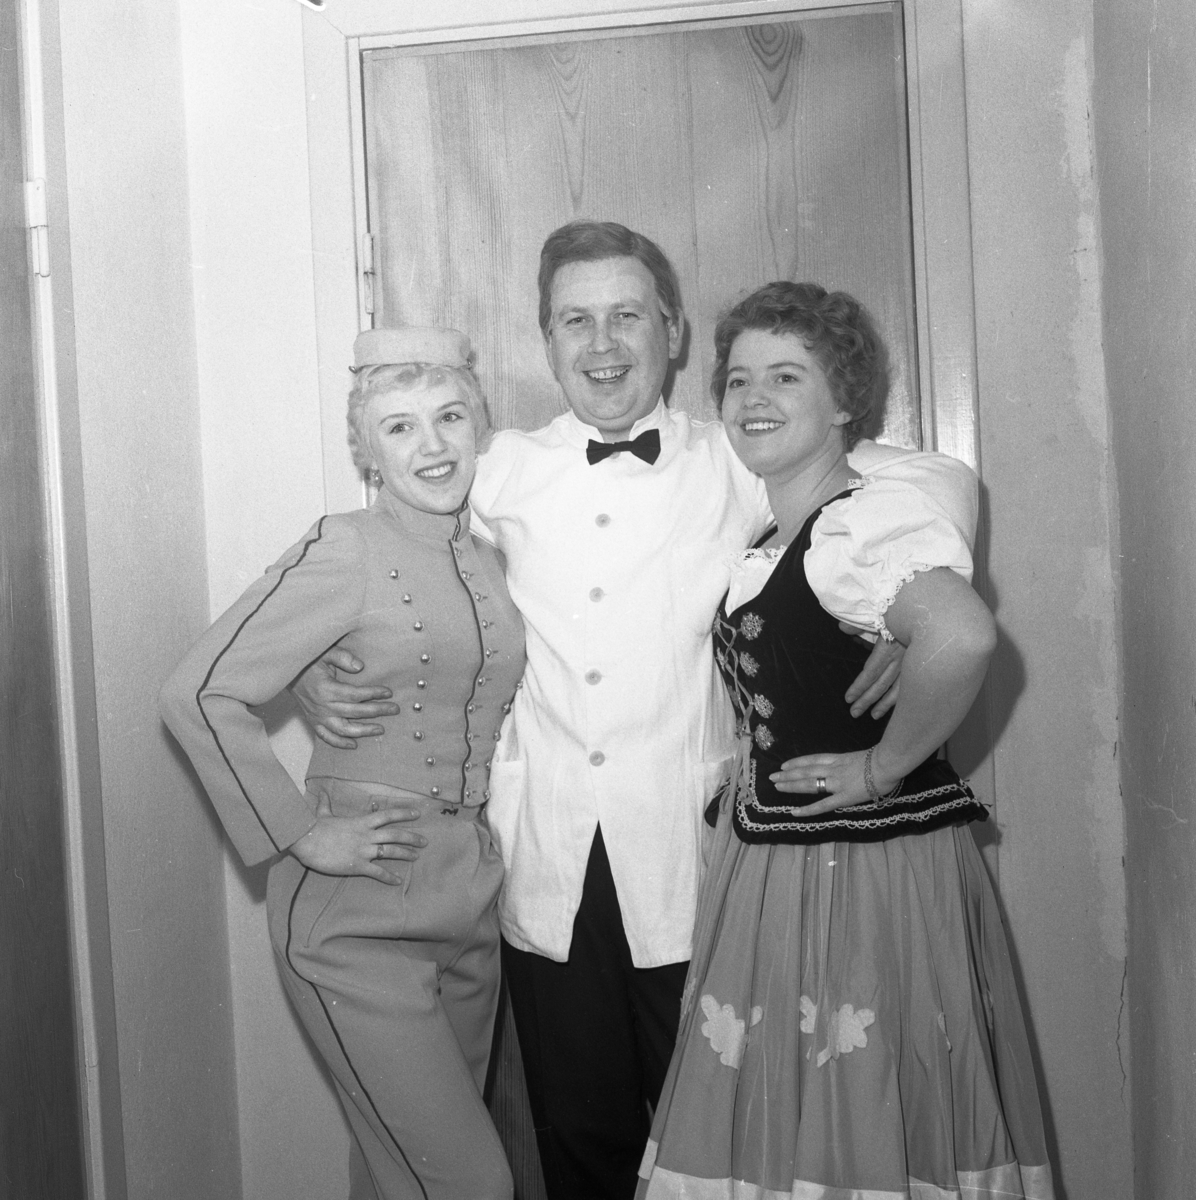 Lokalrevyn 1959 Kvinnan i piccolodräkten kan vara Ann-Sofie Zetterberg och kvinnan i tyrolerkläderna är Vastie Fager.